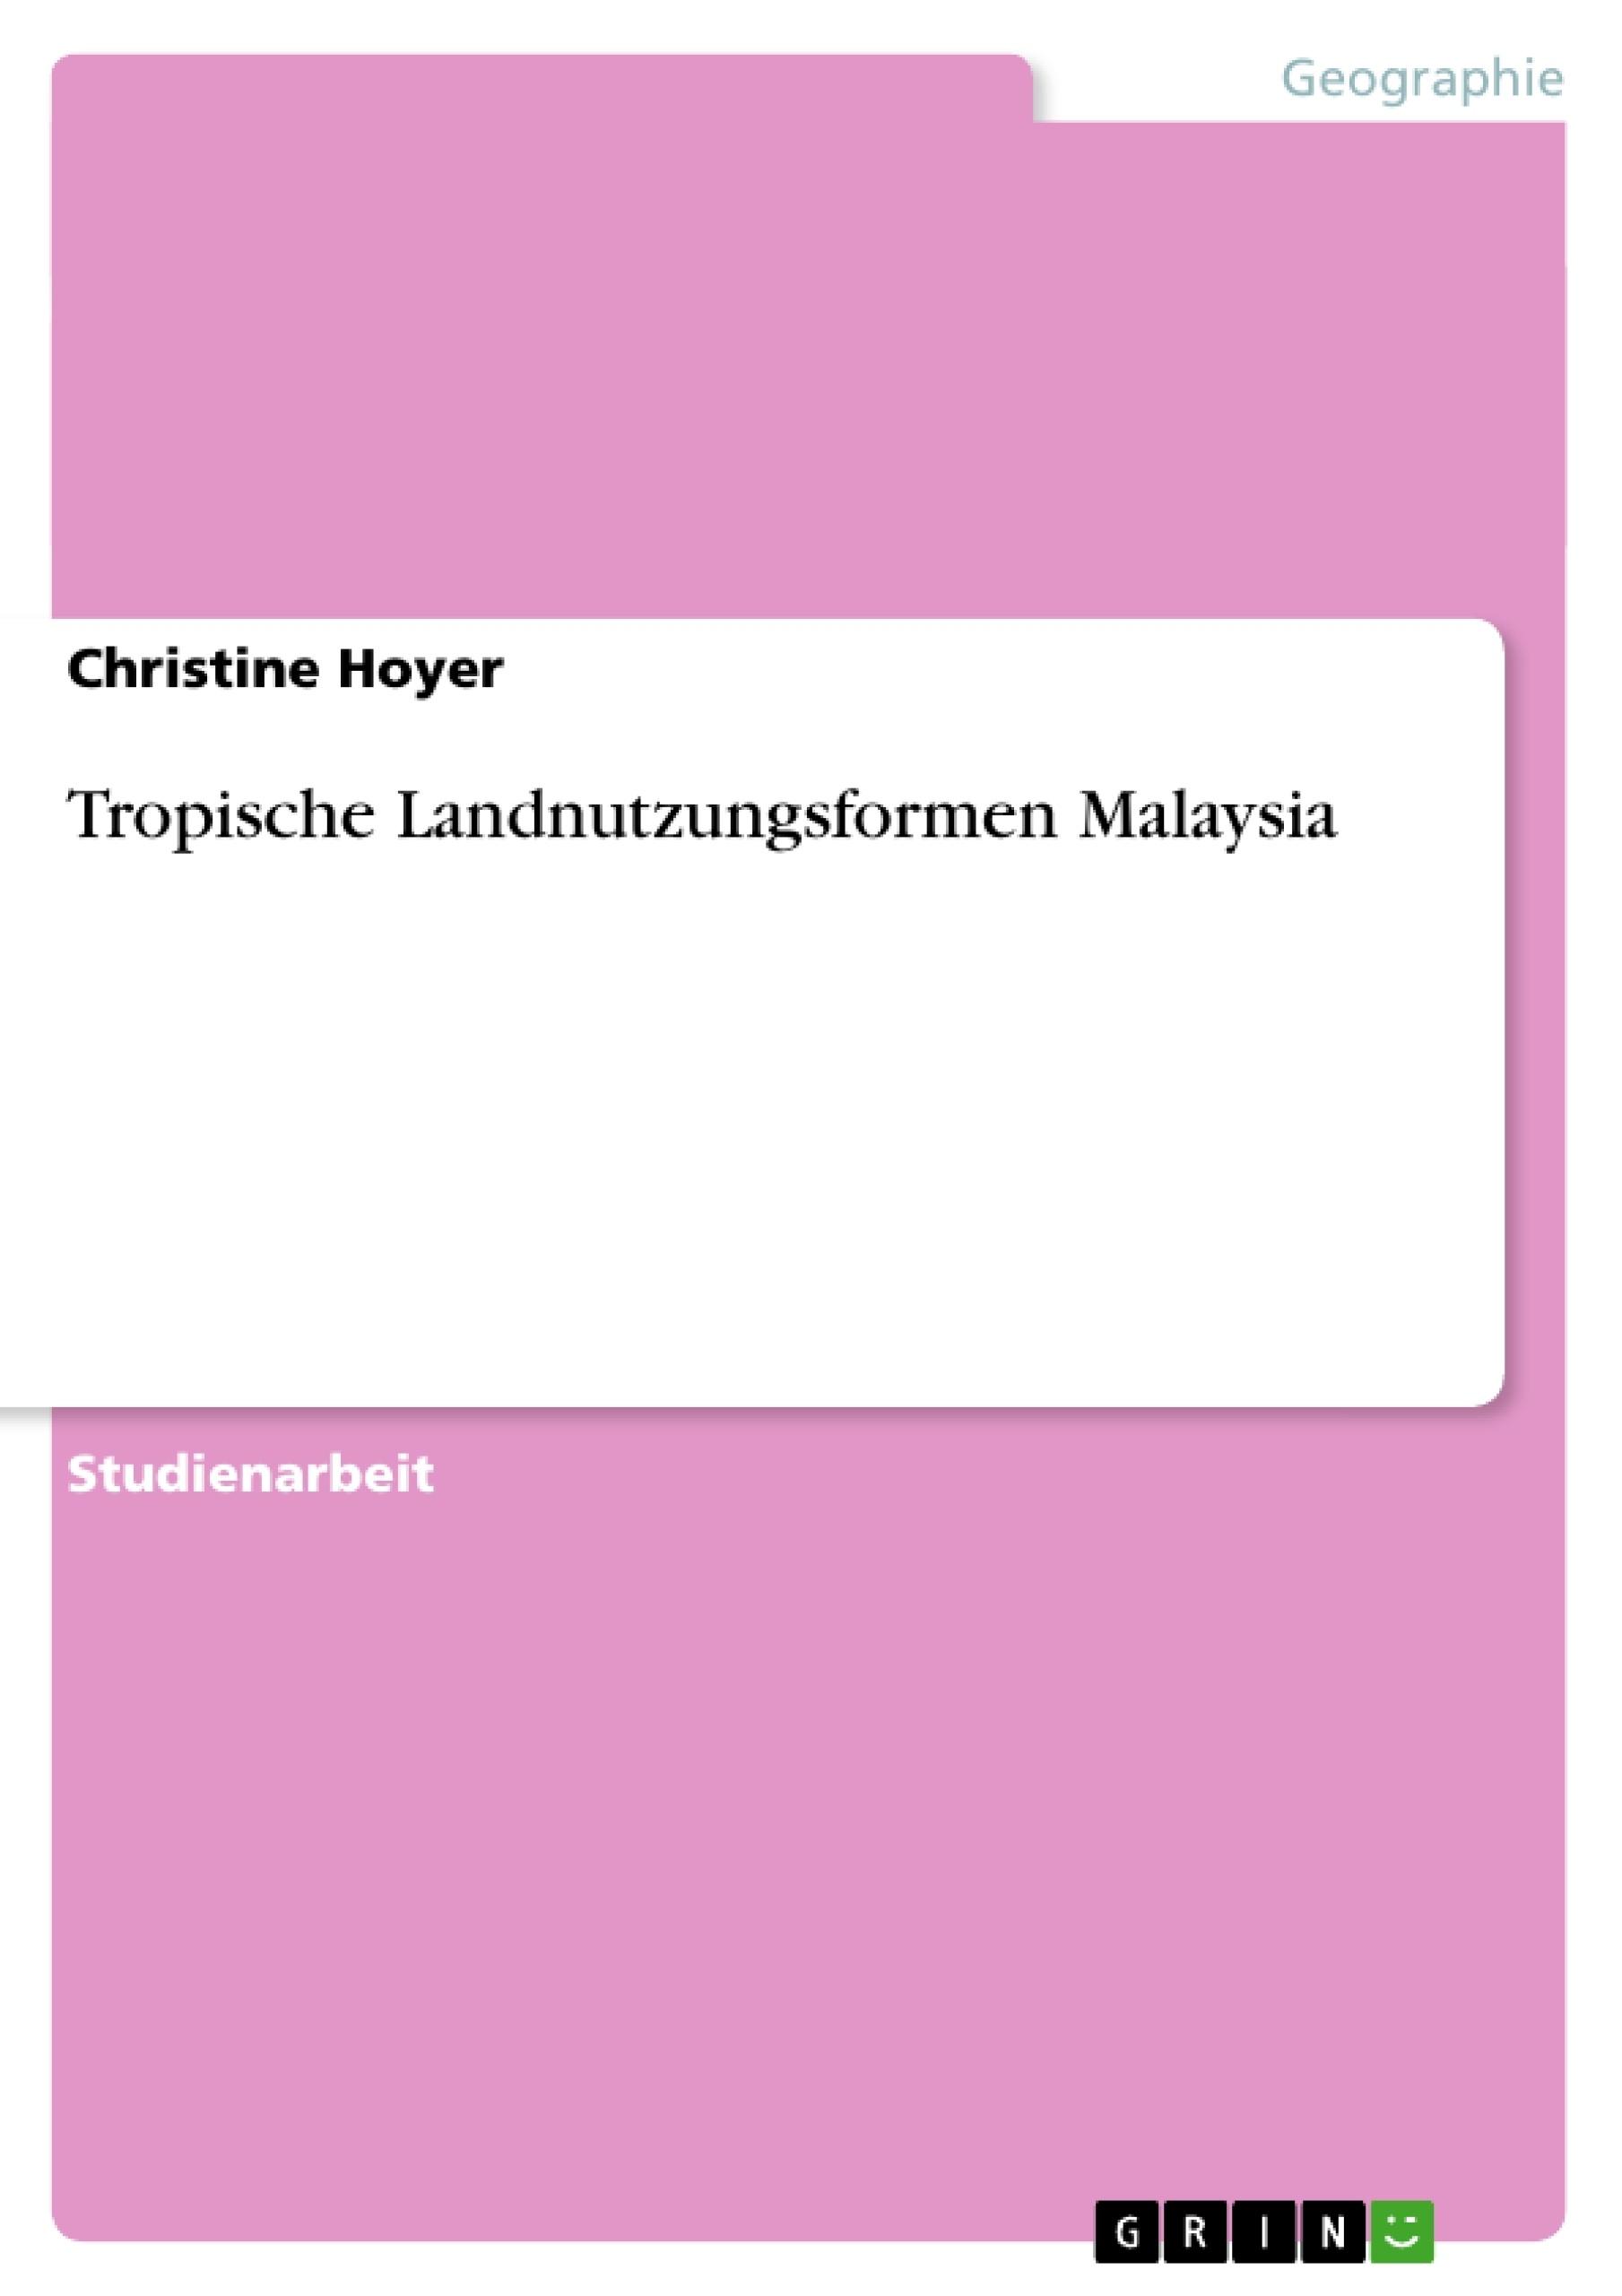 Titel: Tropische Landnutzungsformen Malaysia